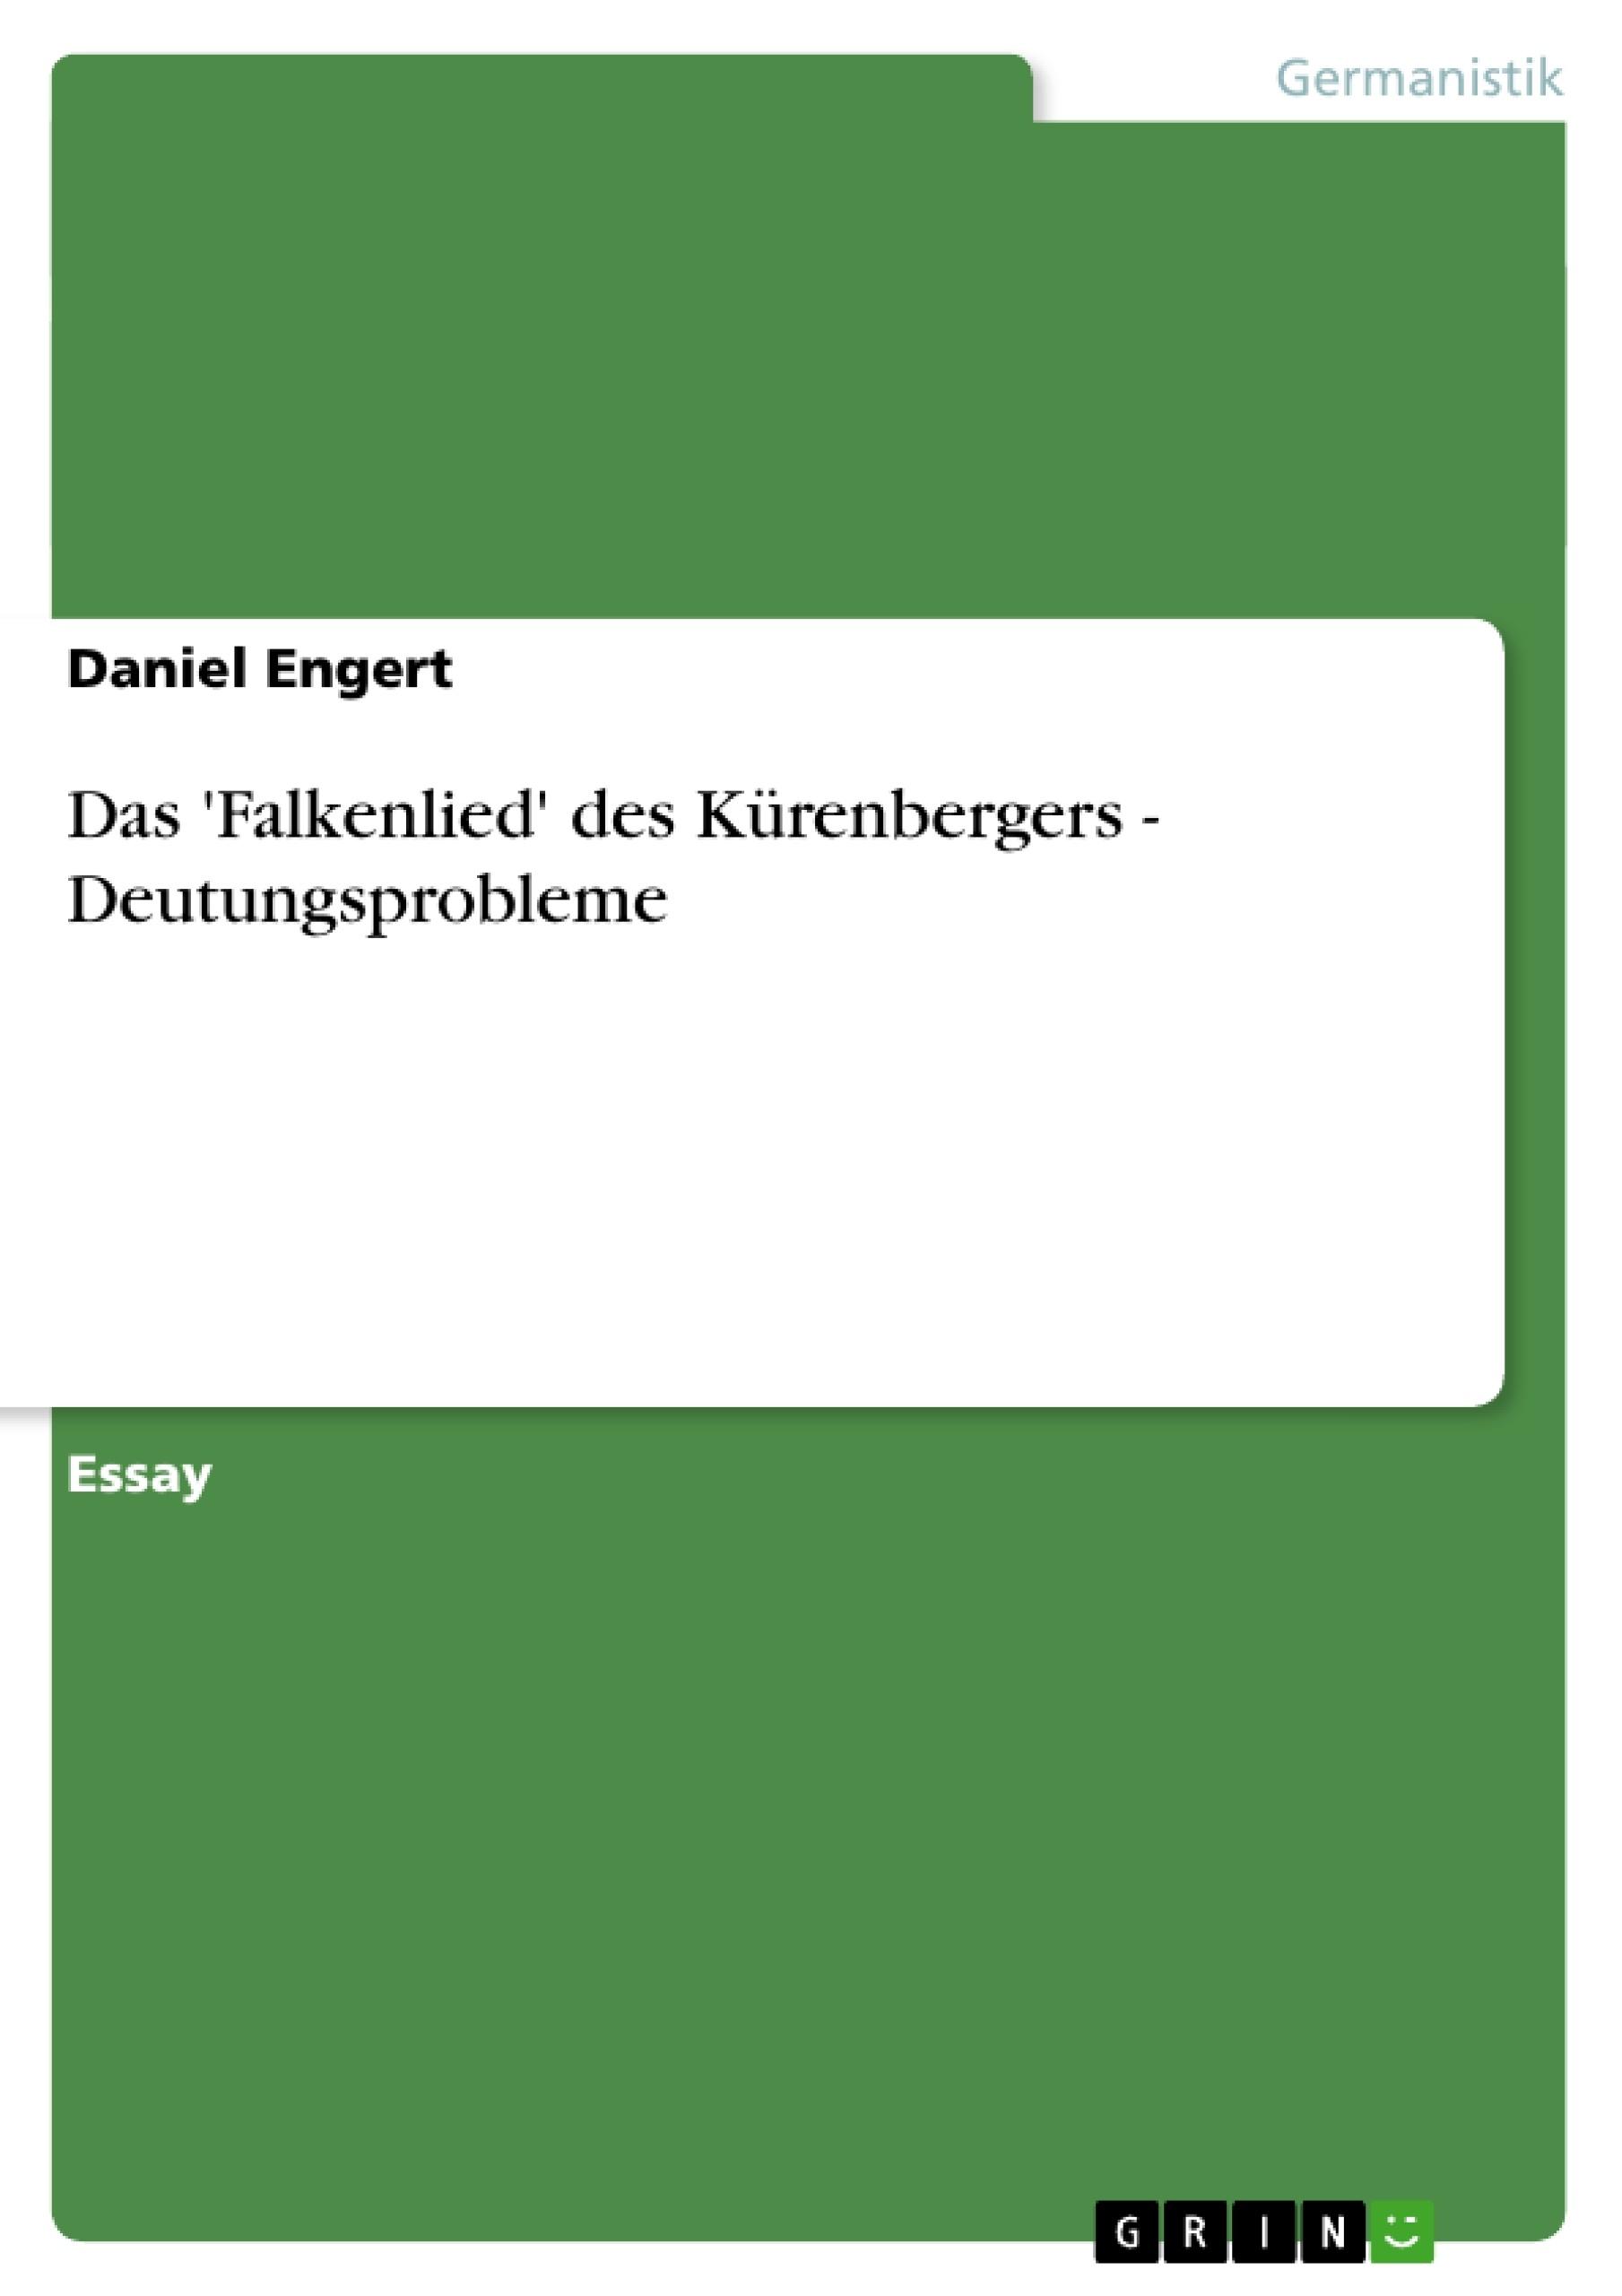 Titel: Das 'Falkenlied' des Kürenbergers - Deutungsprobleme